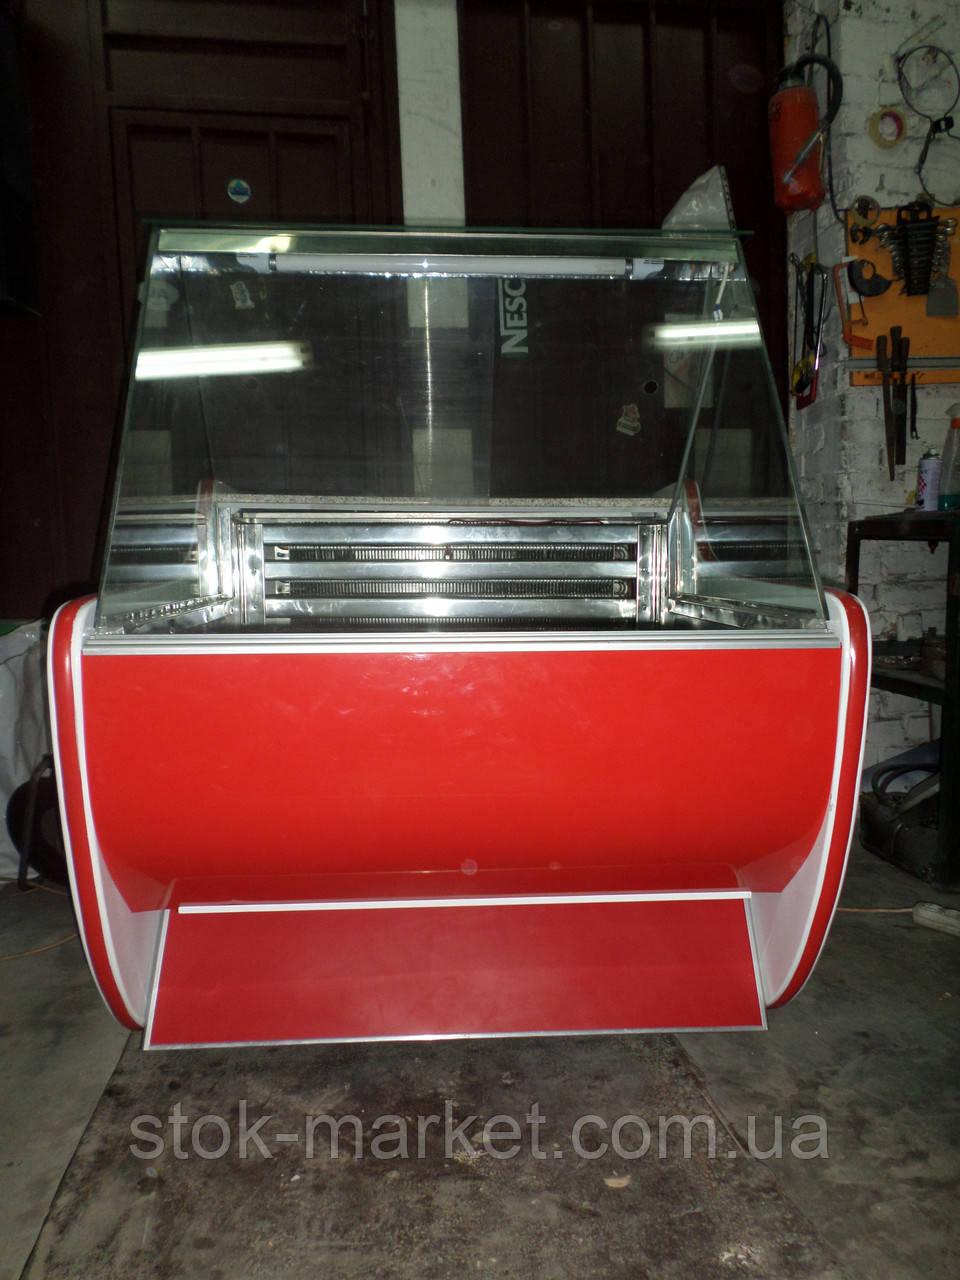 Морозильная витрина JBG 1м. бу  Купить витрину морозильную б/у